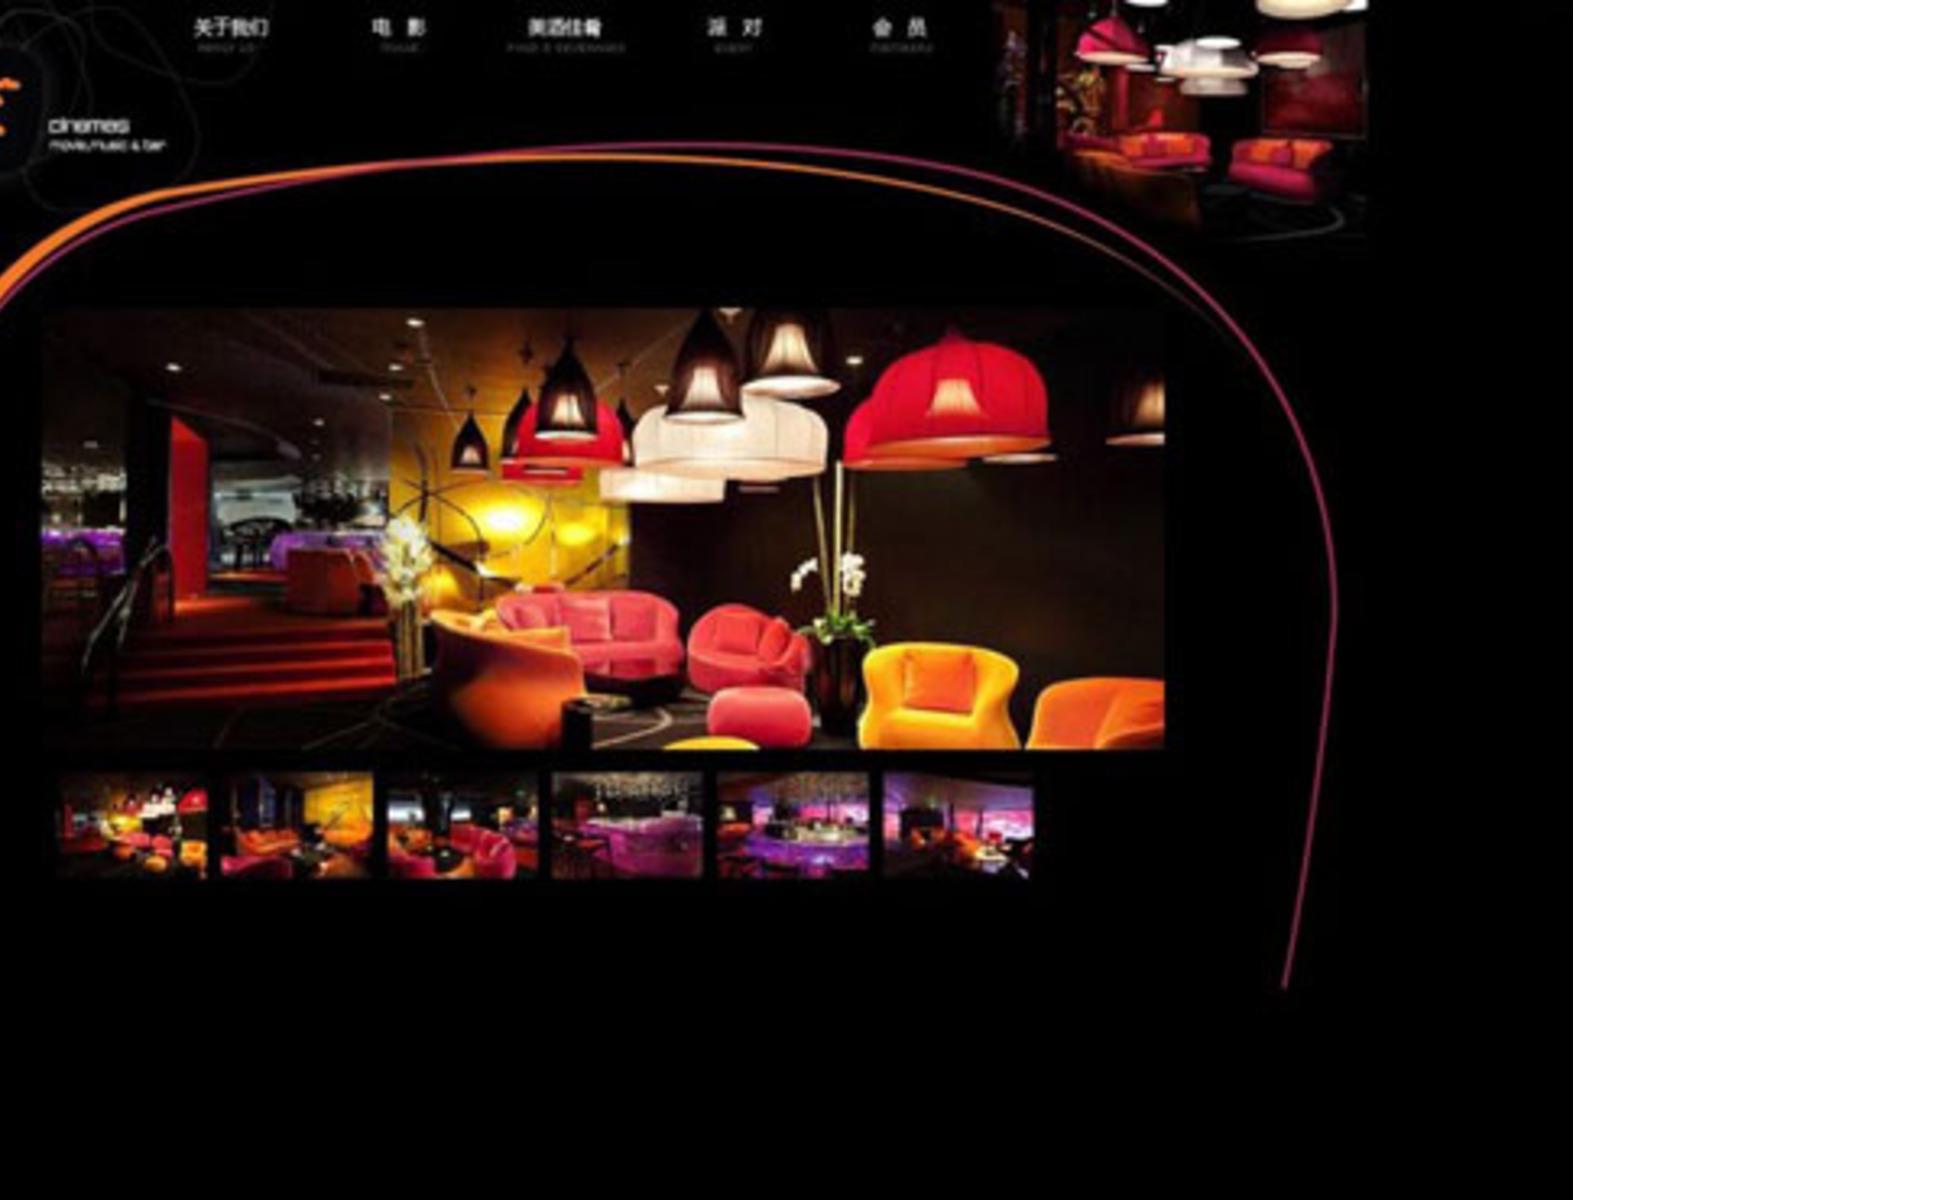 Robert majkut cinema in beijing